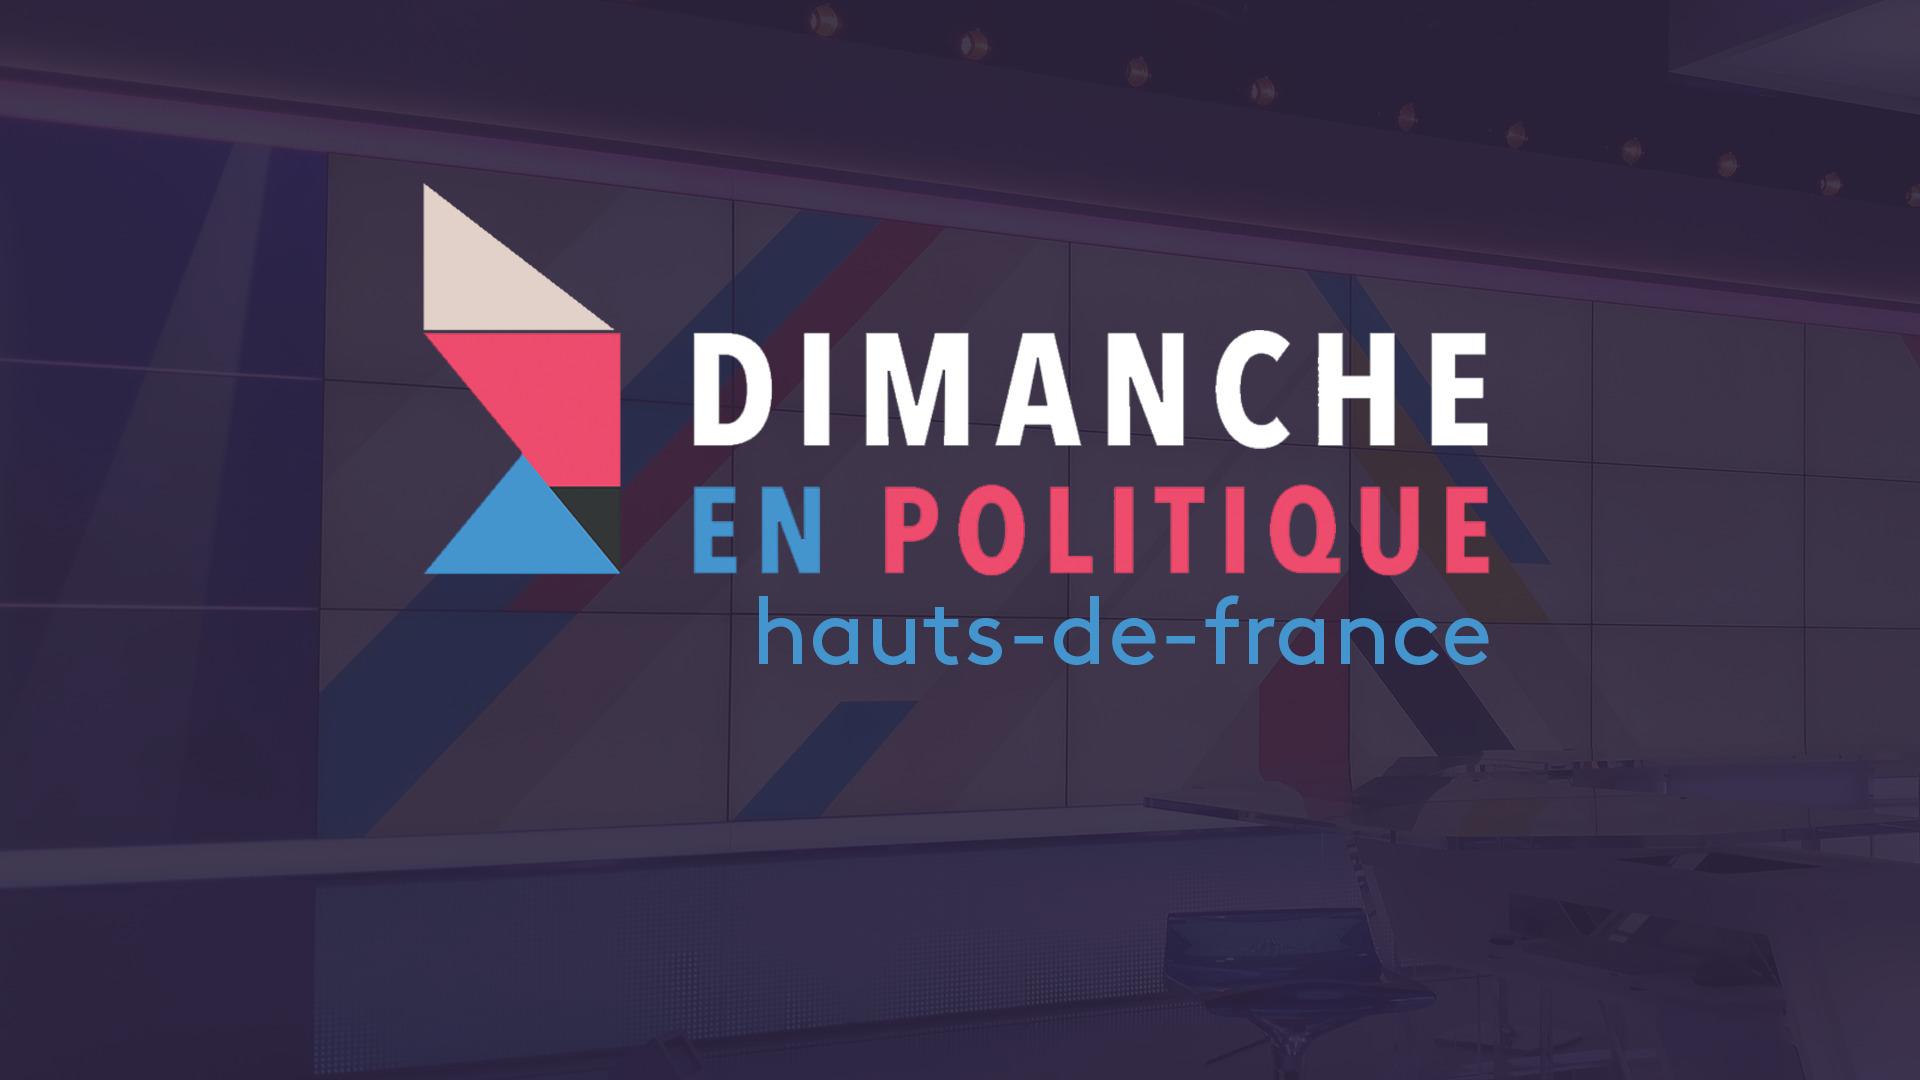 Dimanche en politique - Hauts-de-France avec Karima Delli, eurodéputé EELV